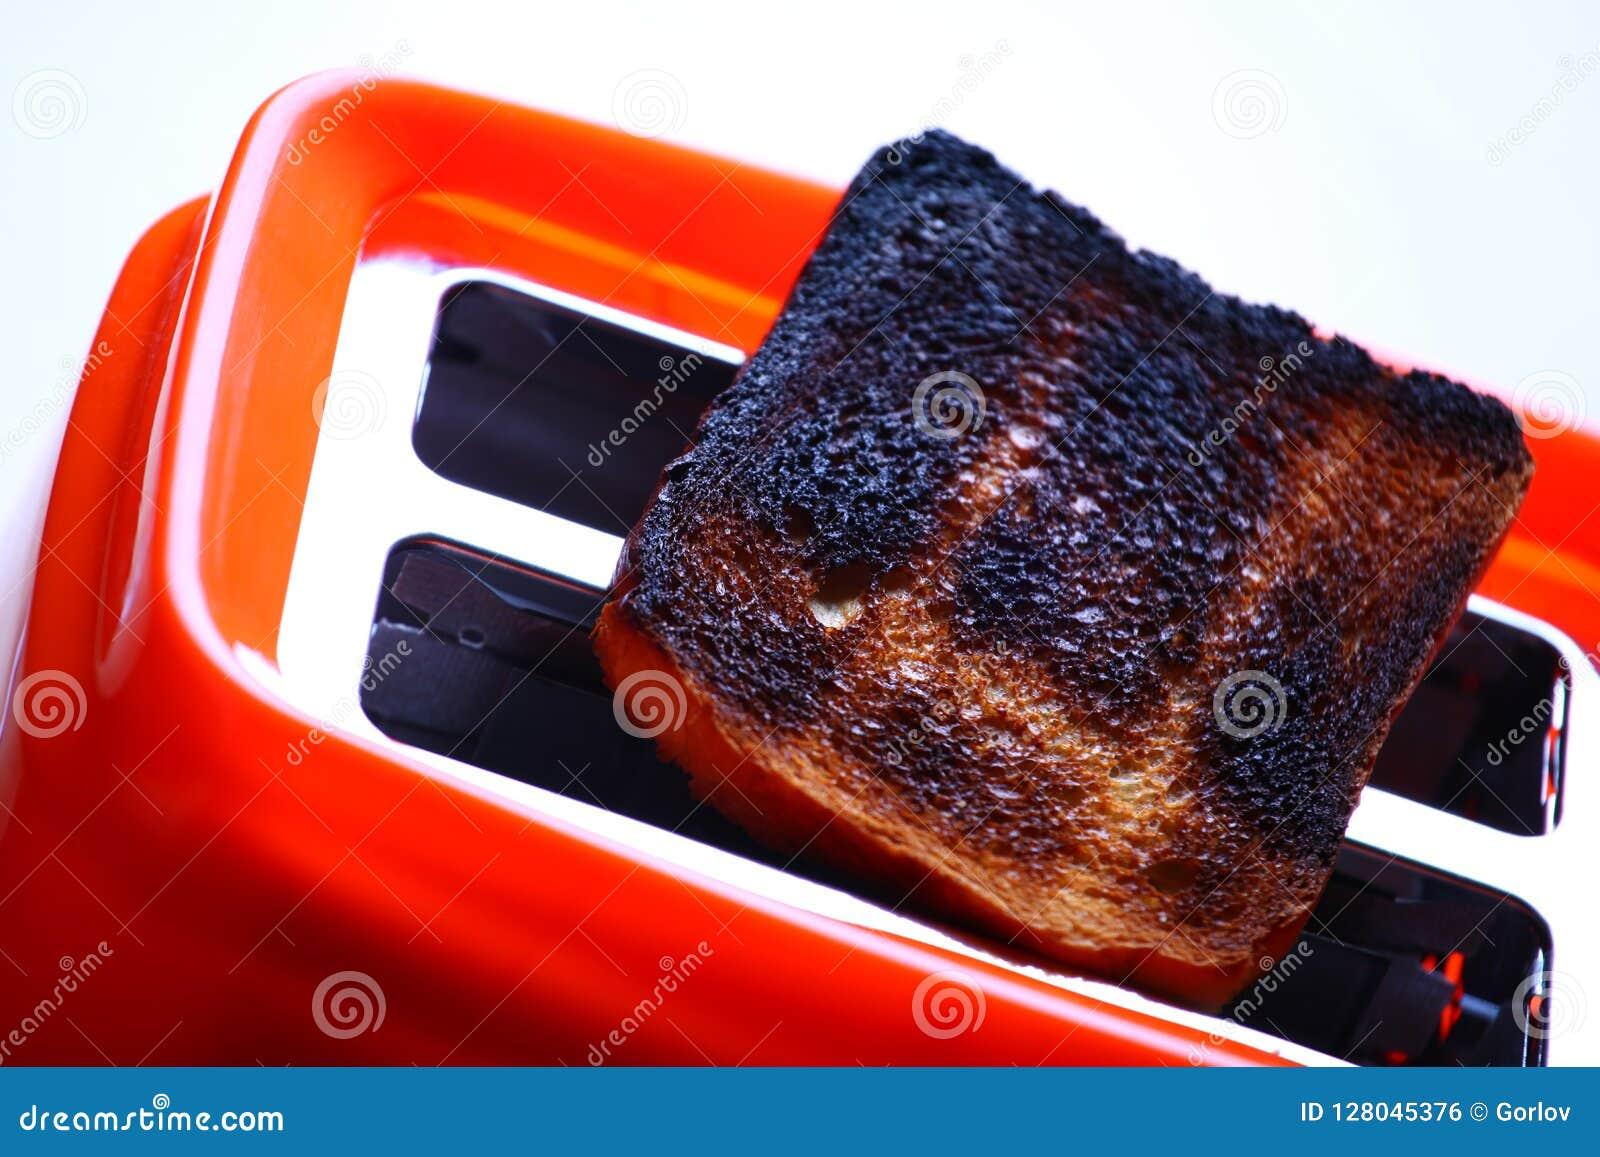 Оранжевым сгорели тостером, который студия здравицы качественная